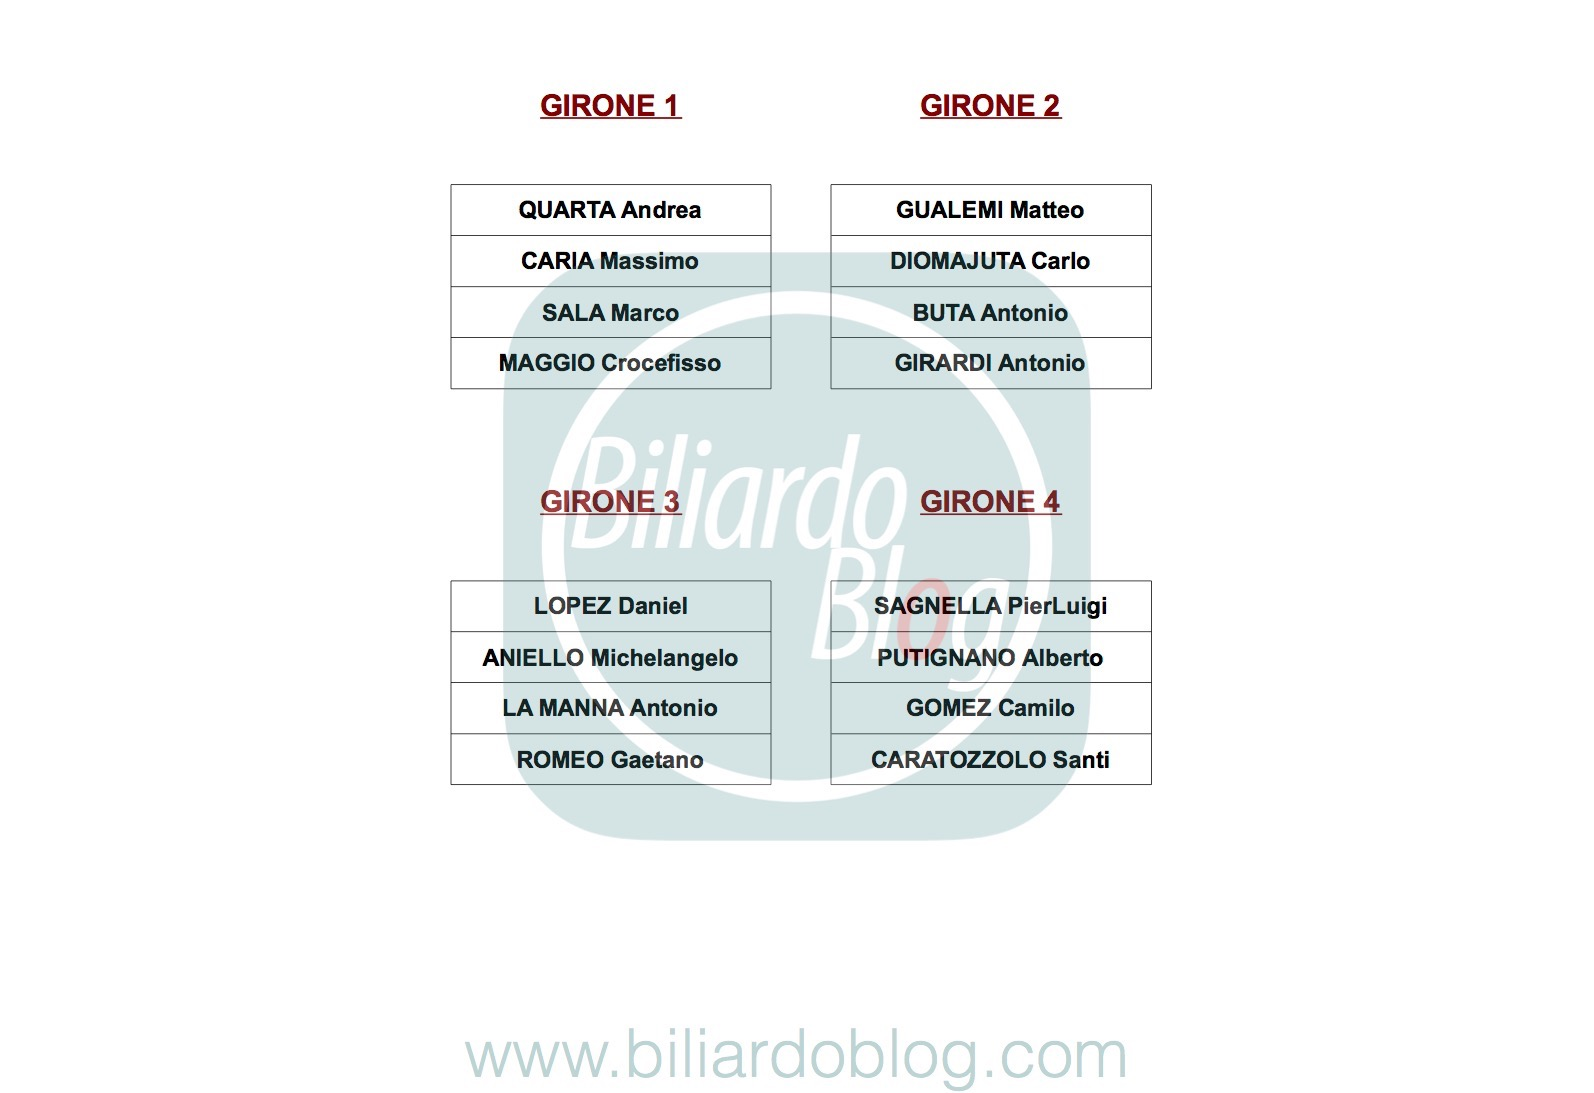 Quinta Tappa Campionato Biliardo 2017 2018: i gironi dei pro